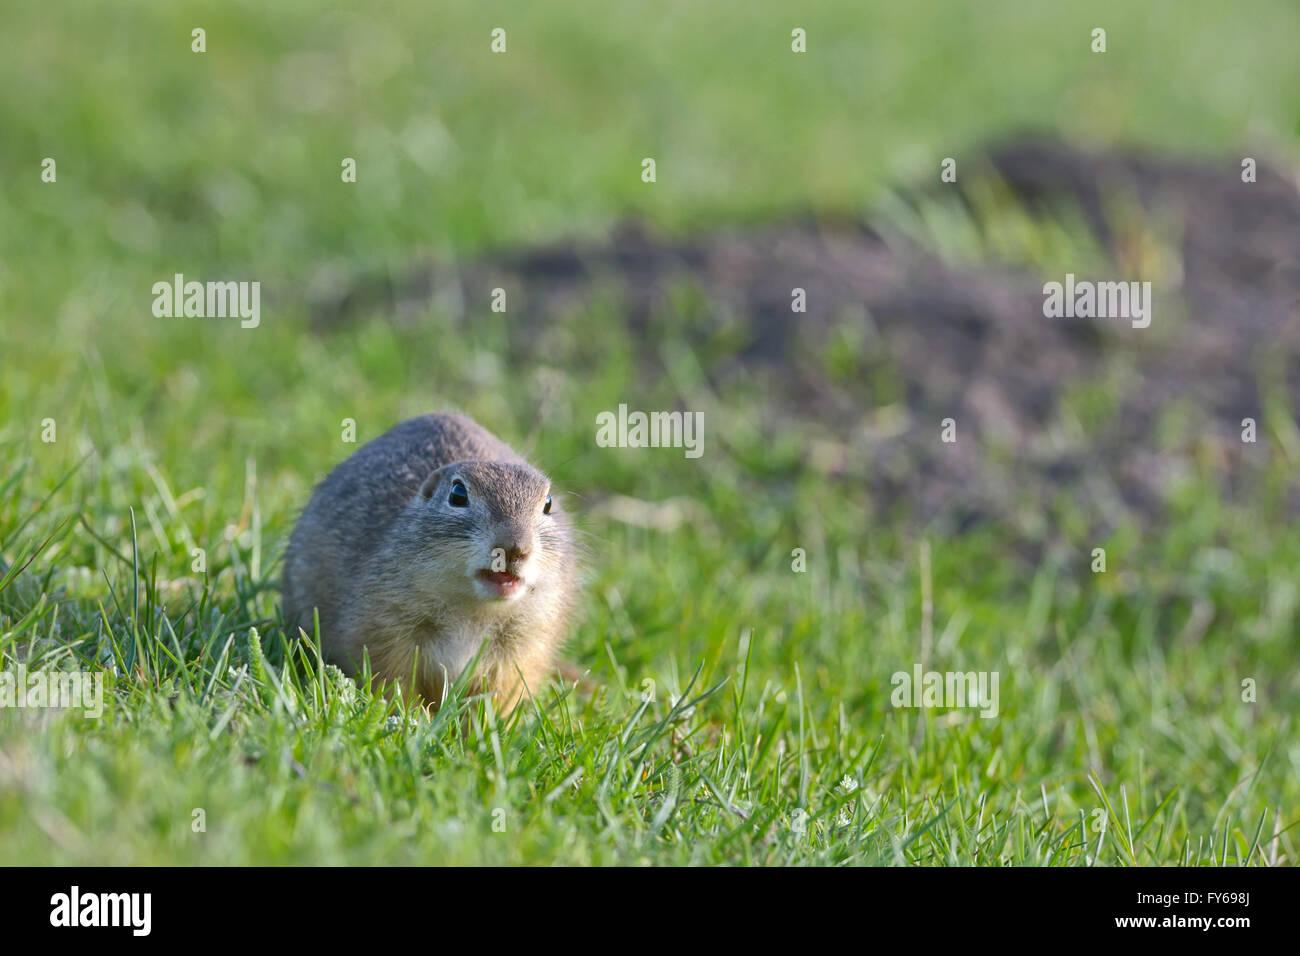 european ground squirrel standing on grass Stock Photo